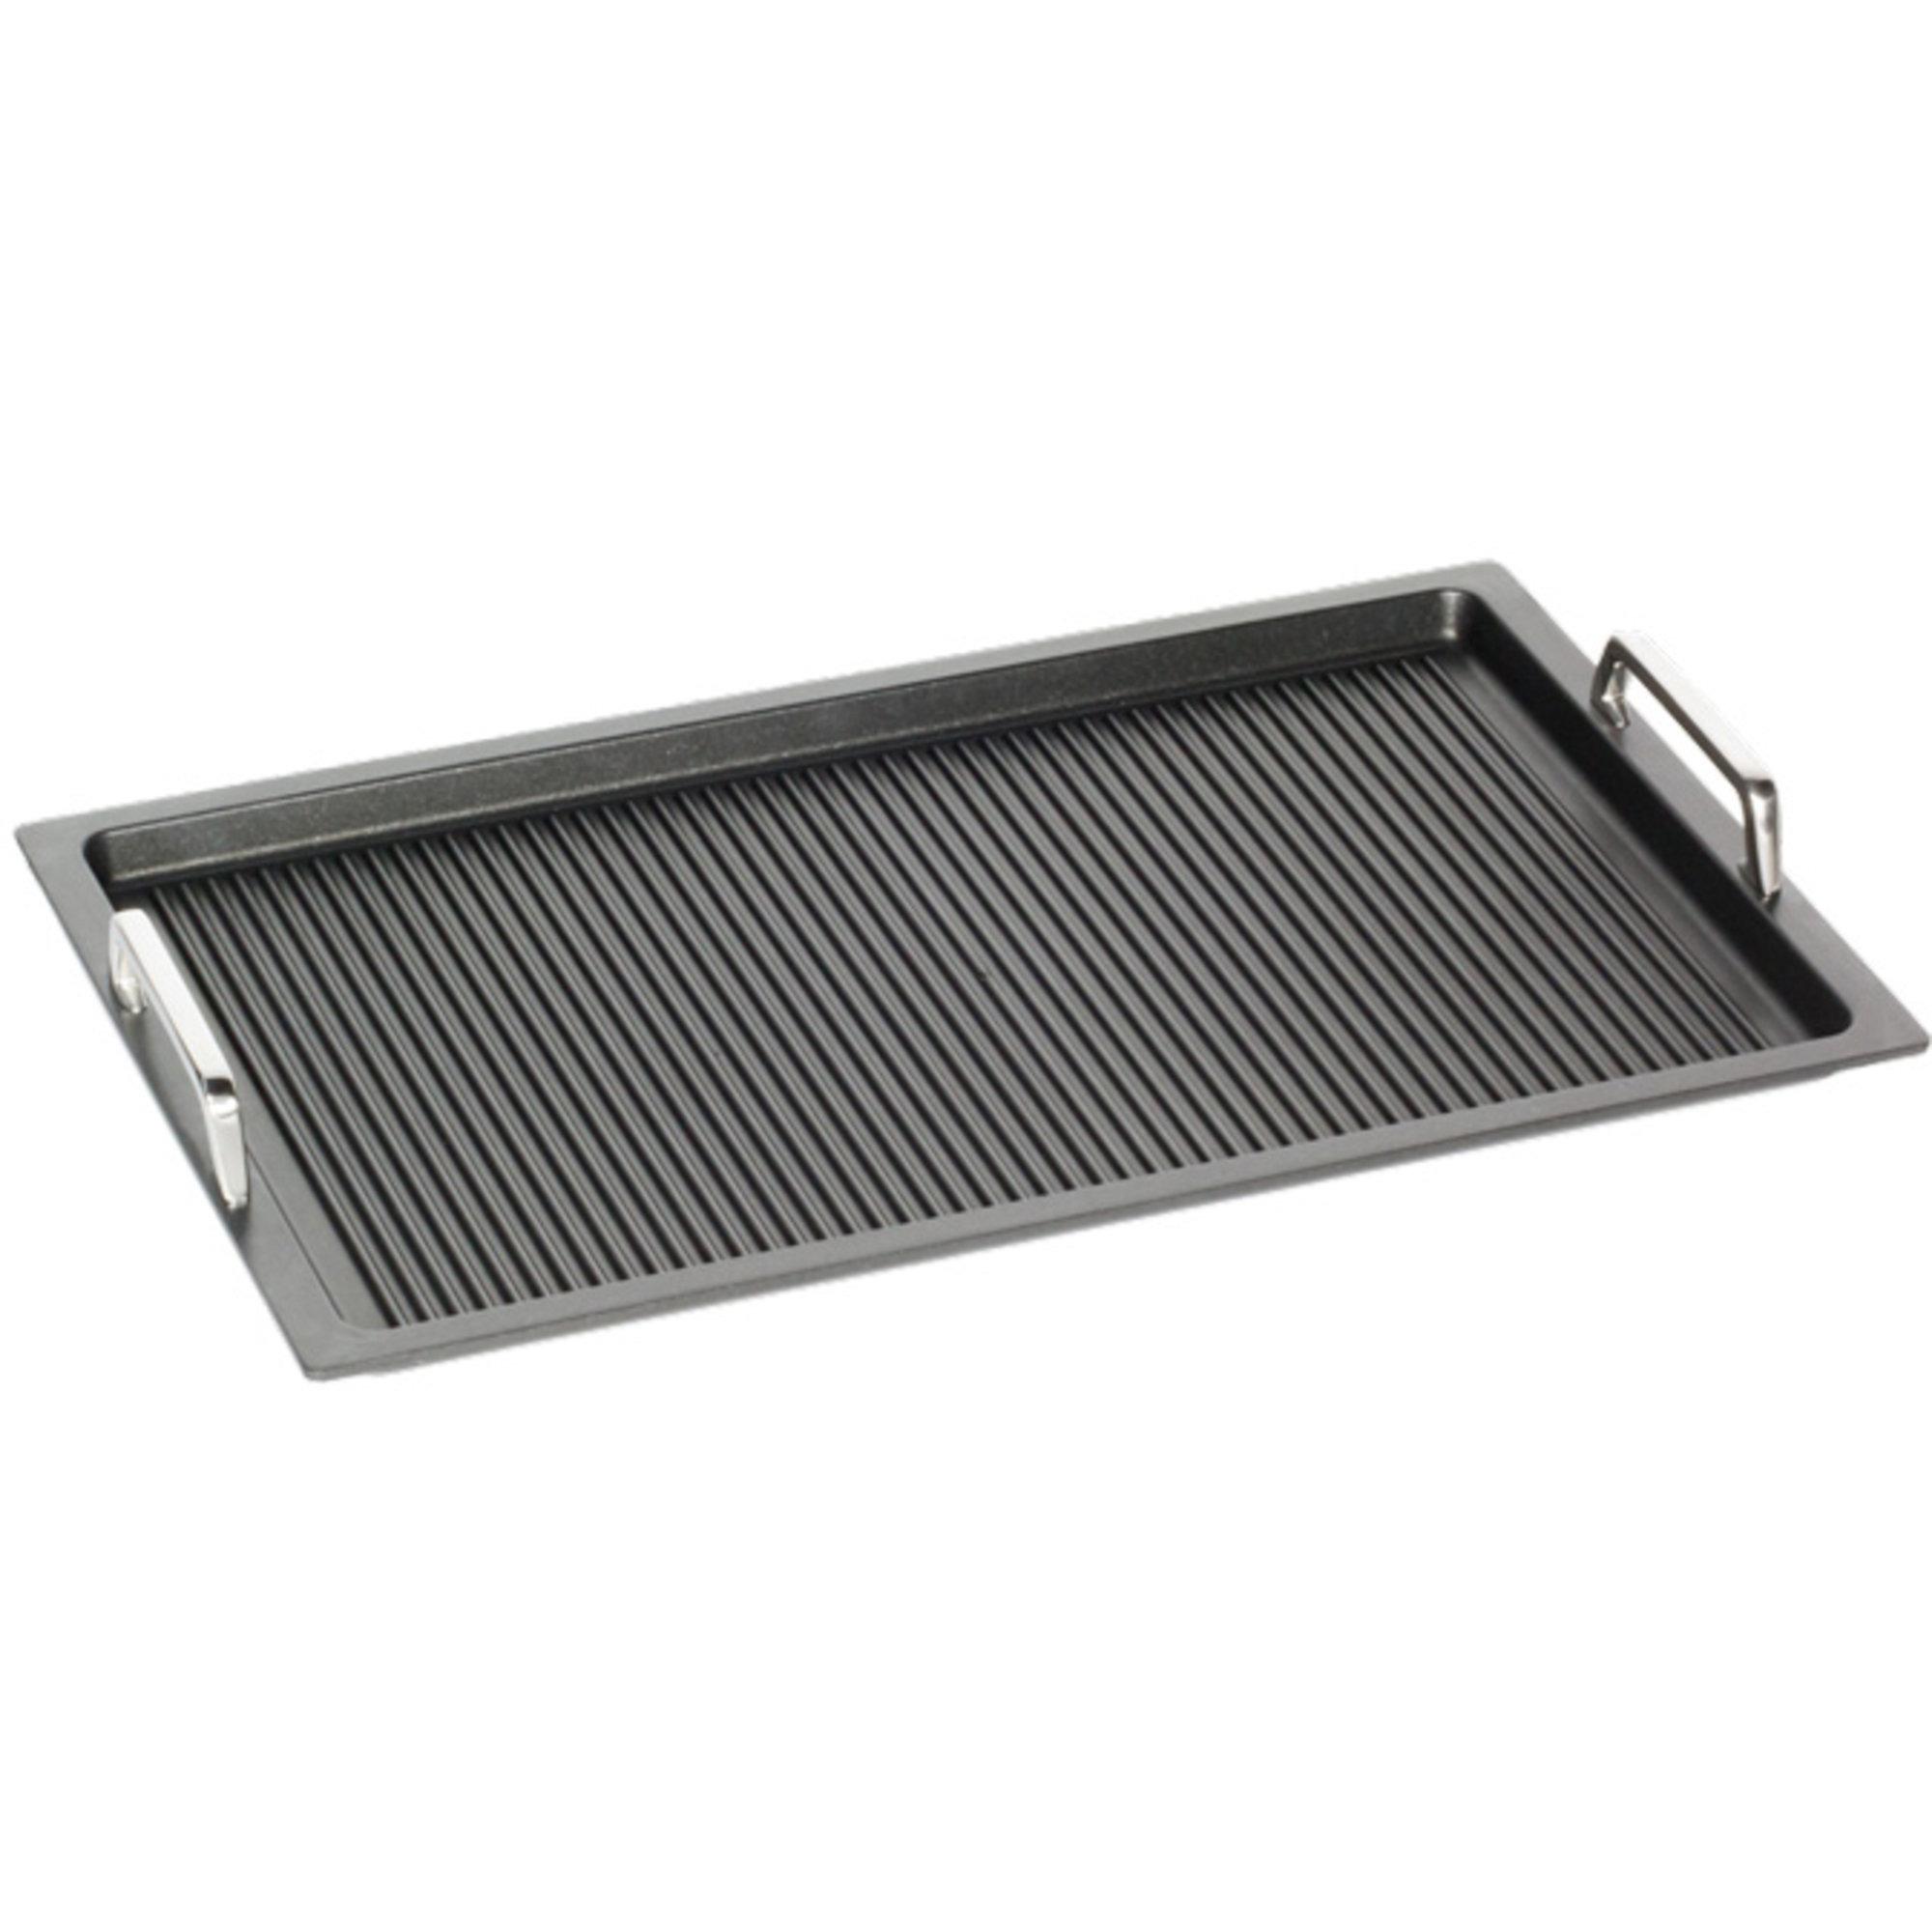 AMT Gastroguss Stekbord 53×33 cm med Grill